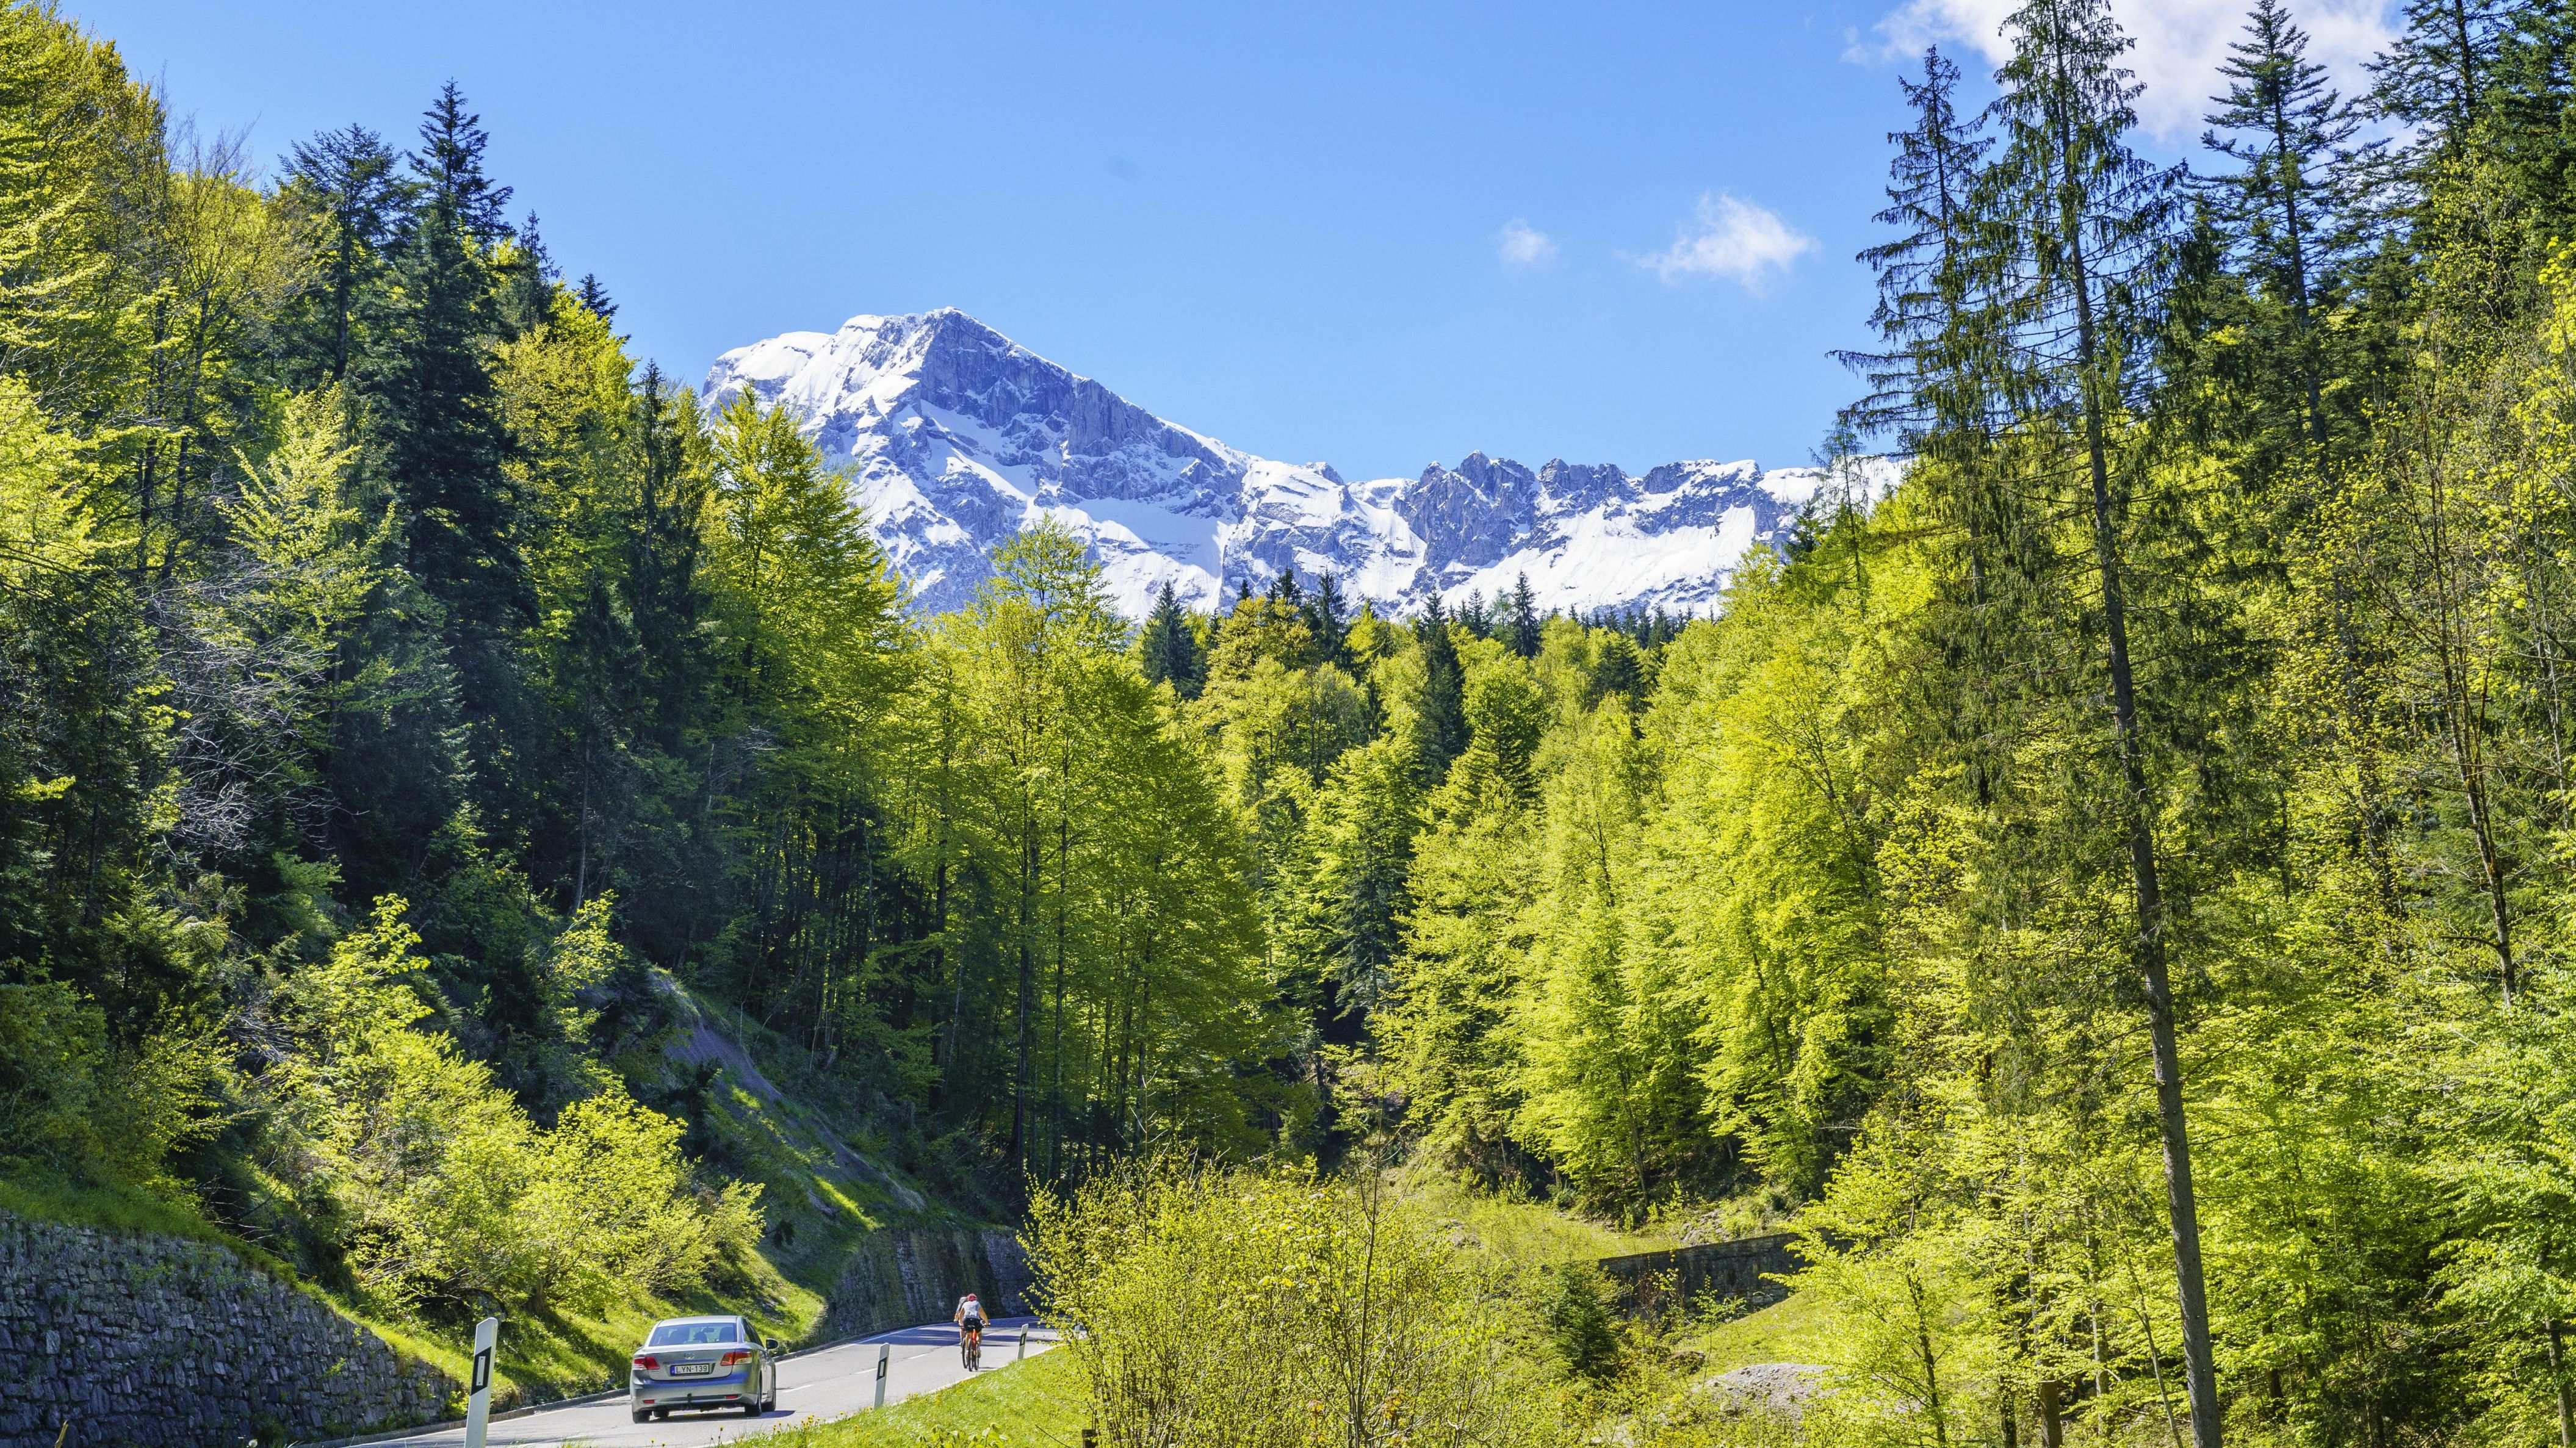 Der Blick hinauf zum Hoher Göll und zum Mandlgrat zwischen Göll und Kehlstein in den Berchtesgadener Alpen (Symbolbild)